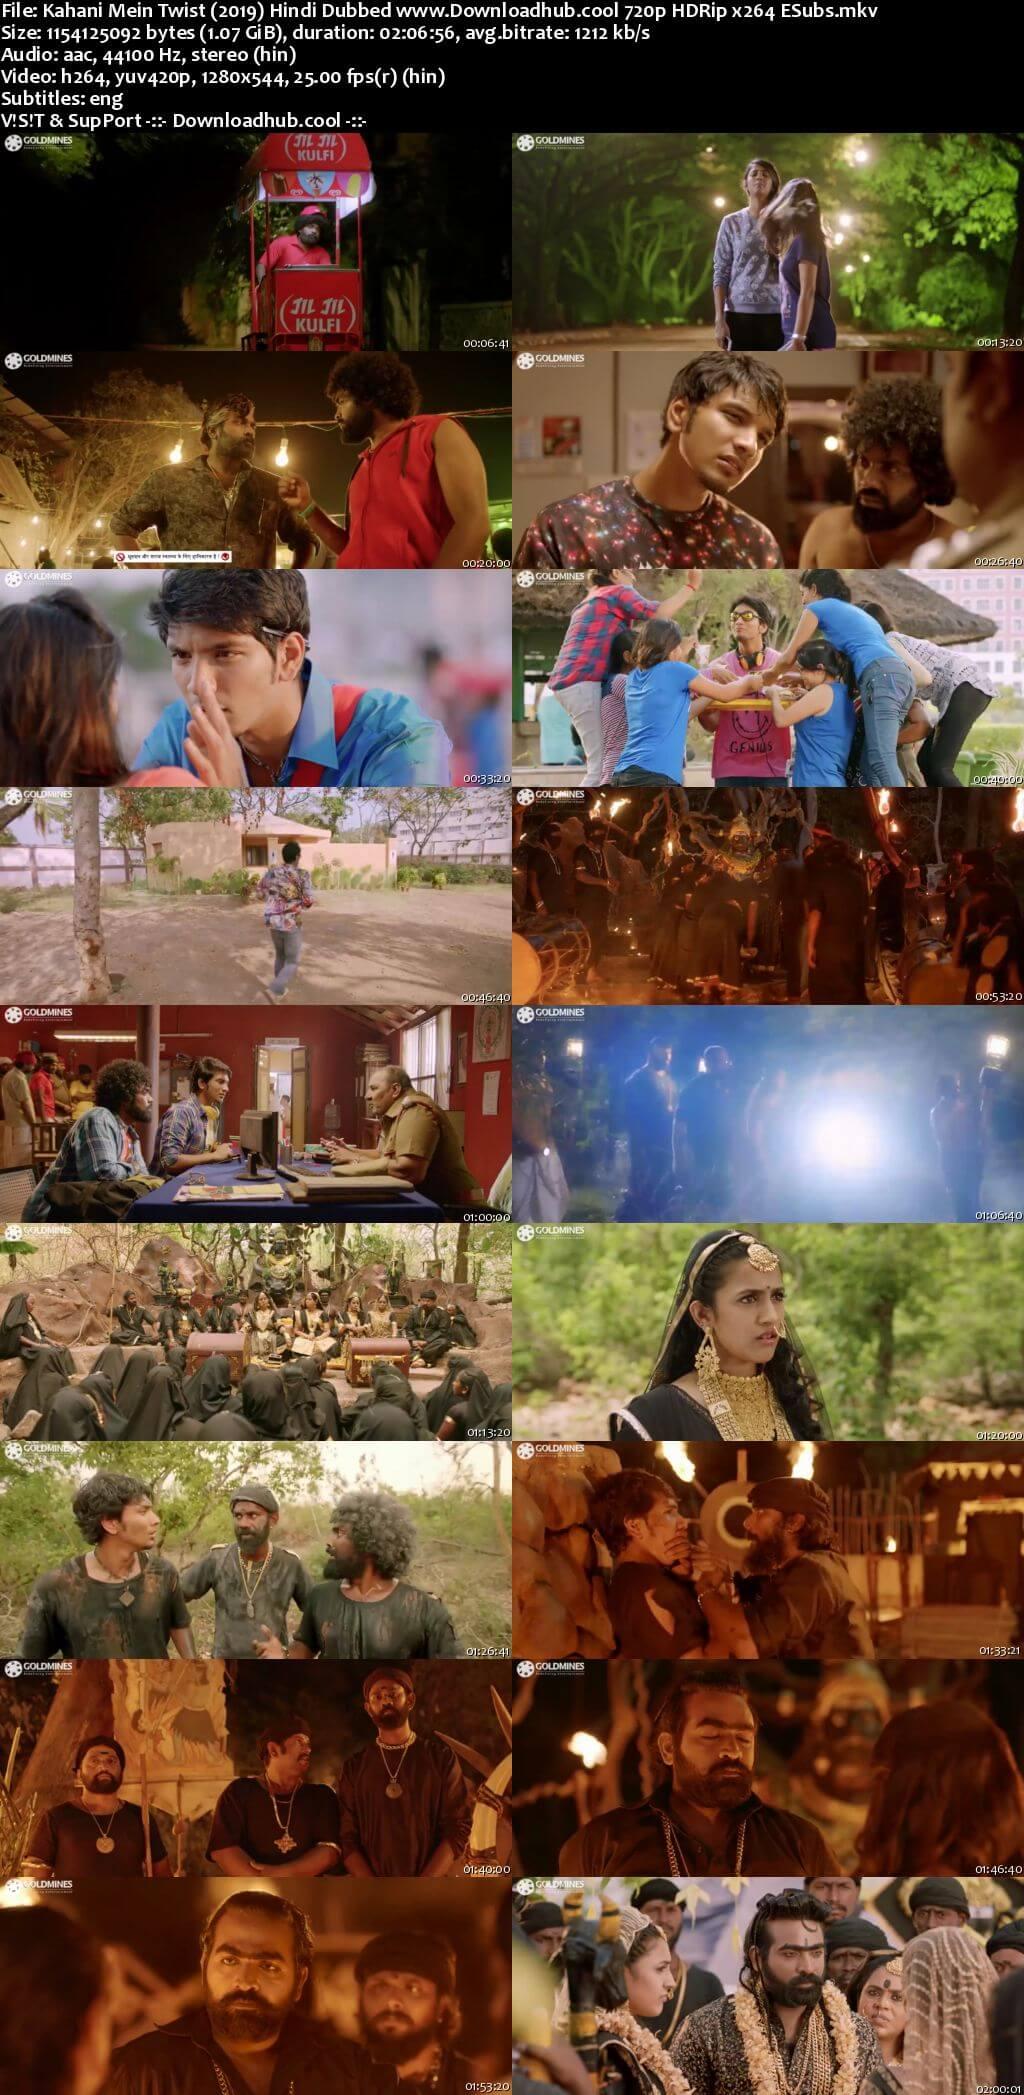 Kahani Mein Twist 2019 Hindi Dubbed 720p HDRip ESubs